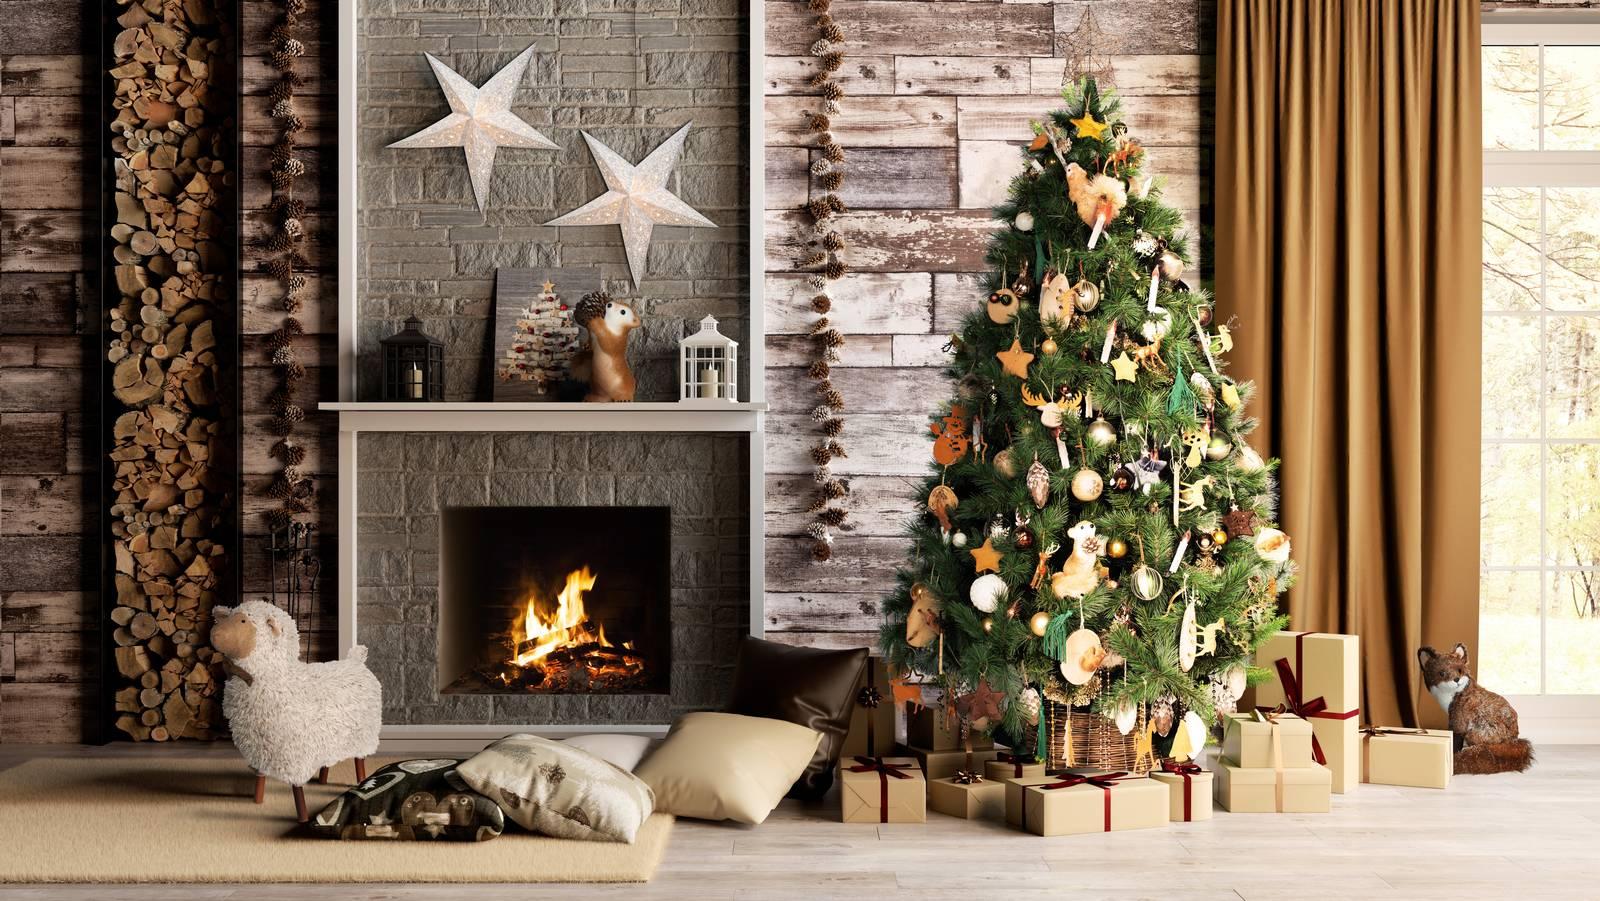 Decorazioni Natalizie A Poco Prezzo.Albero Di Natale Tradizionale O Piccolo E Salvaspazio Cose Di Casa